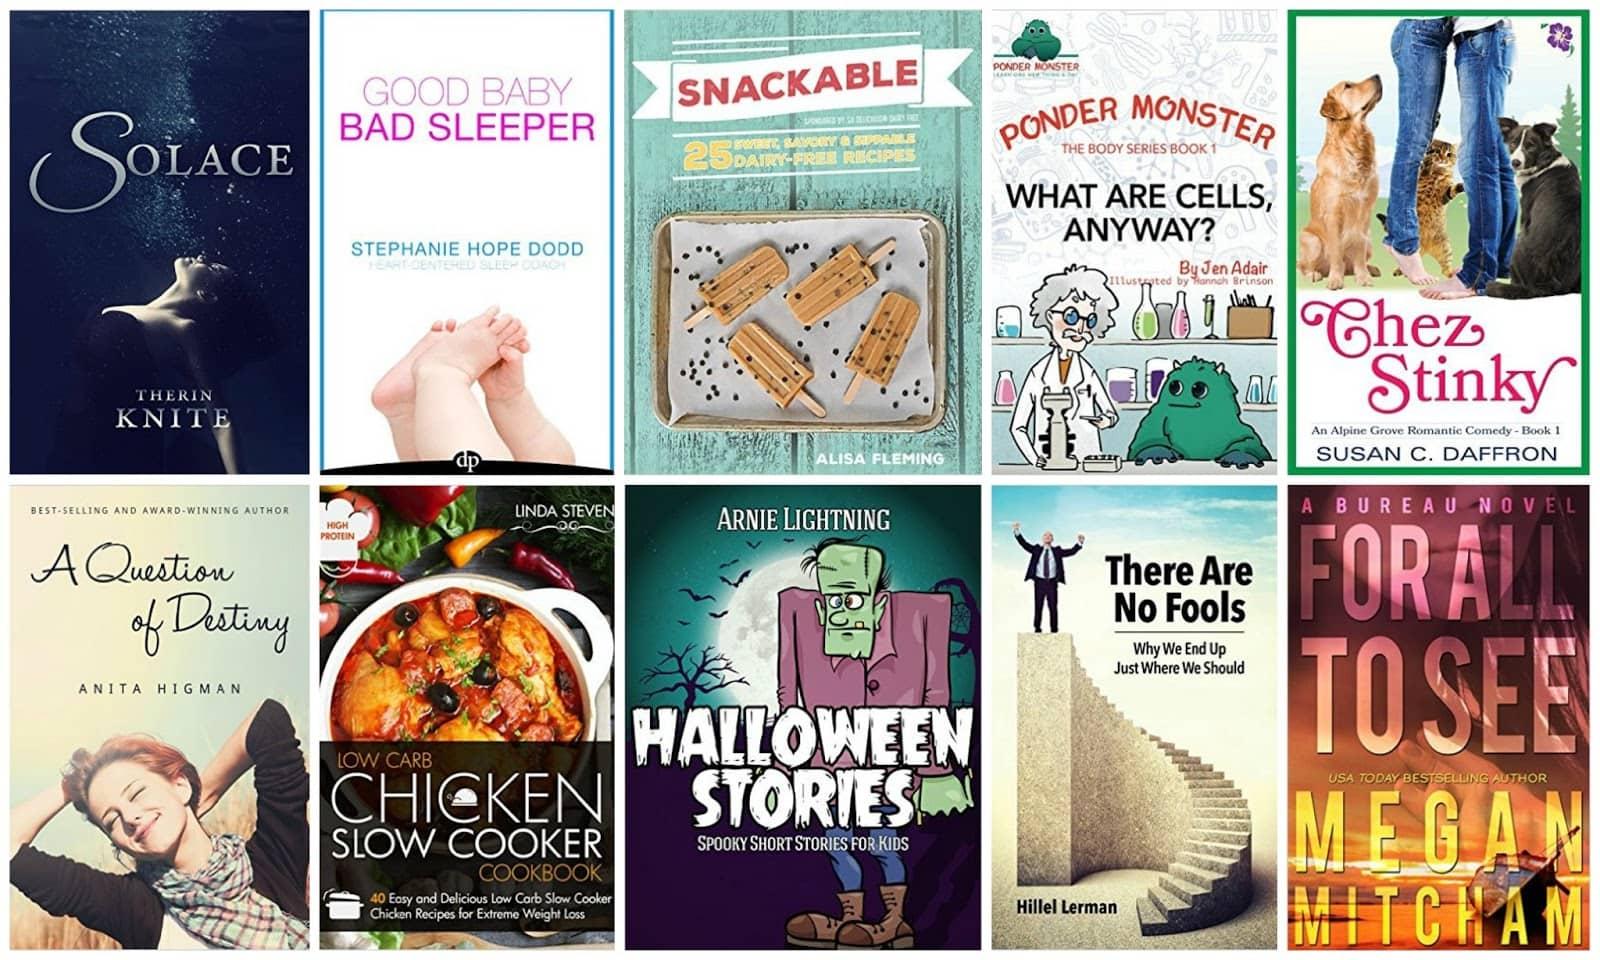 10 Free Kindle Books 10-7-15